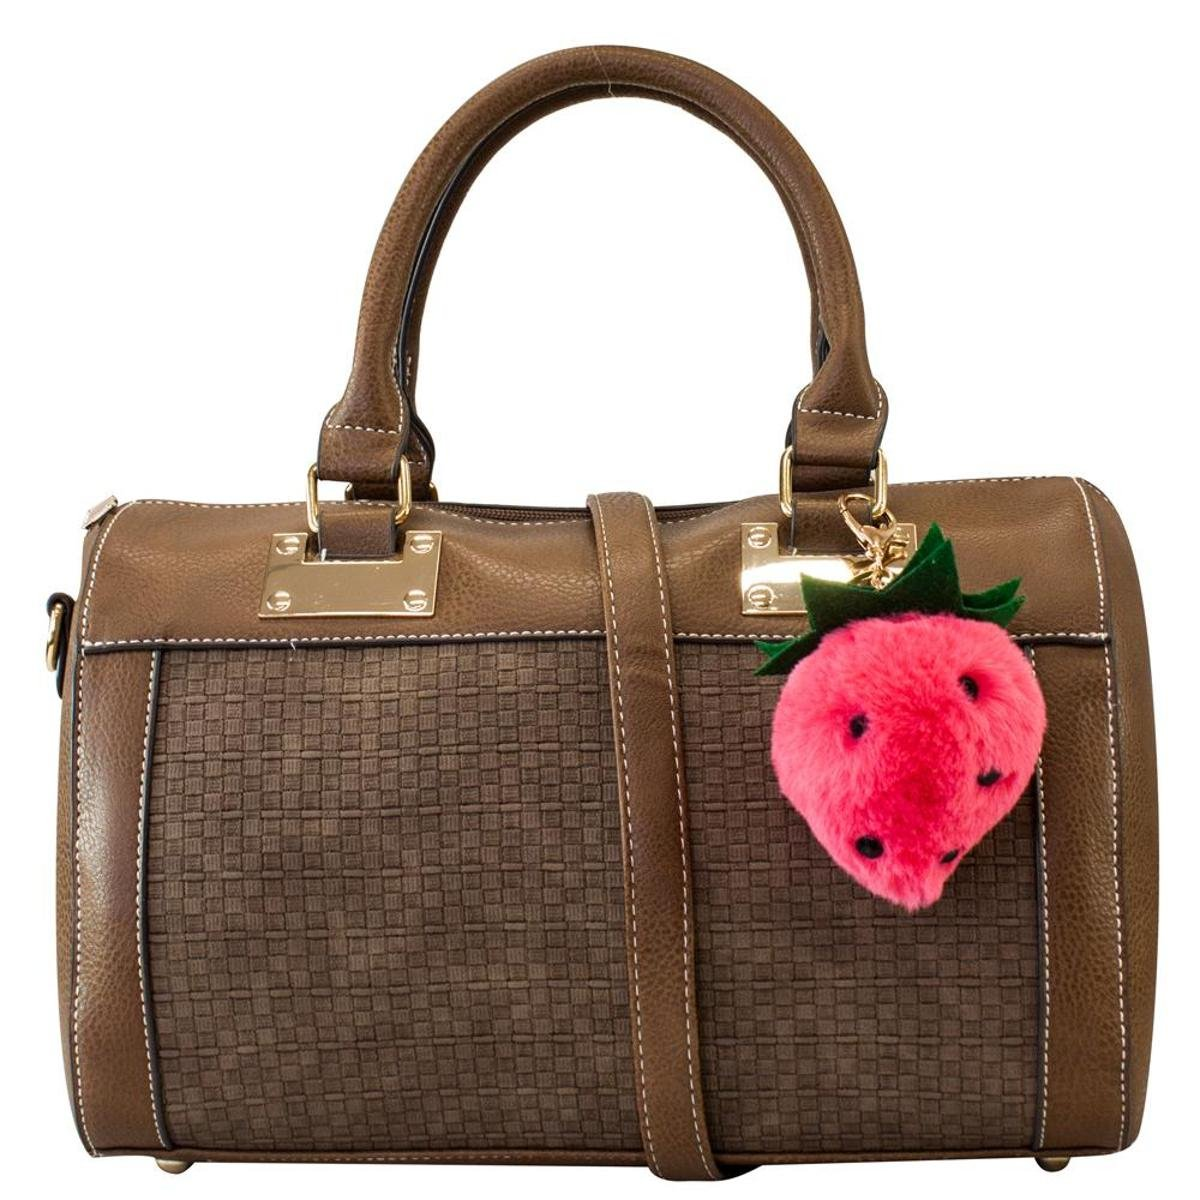 abaac2ba5 Bolsa Ella Store CA225 - Compre Agora